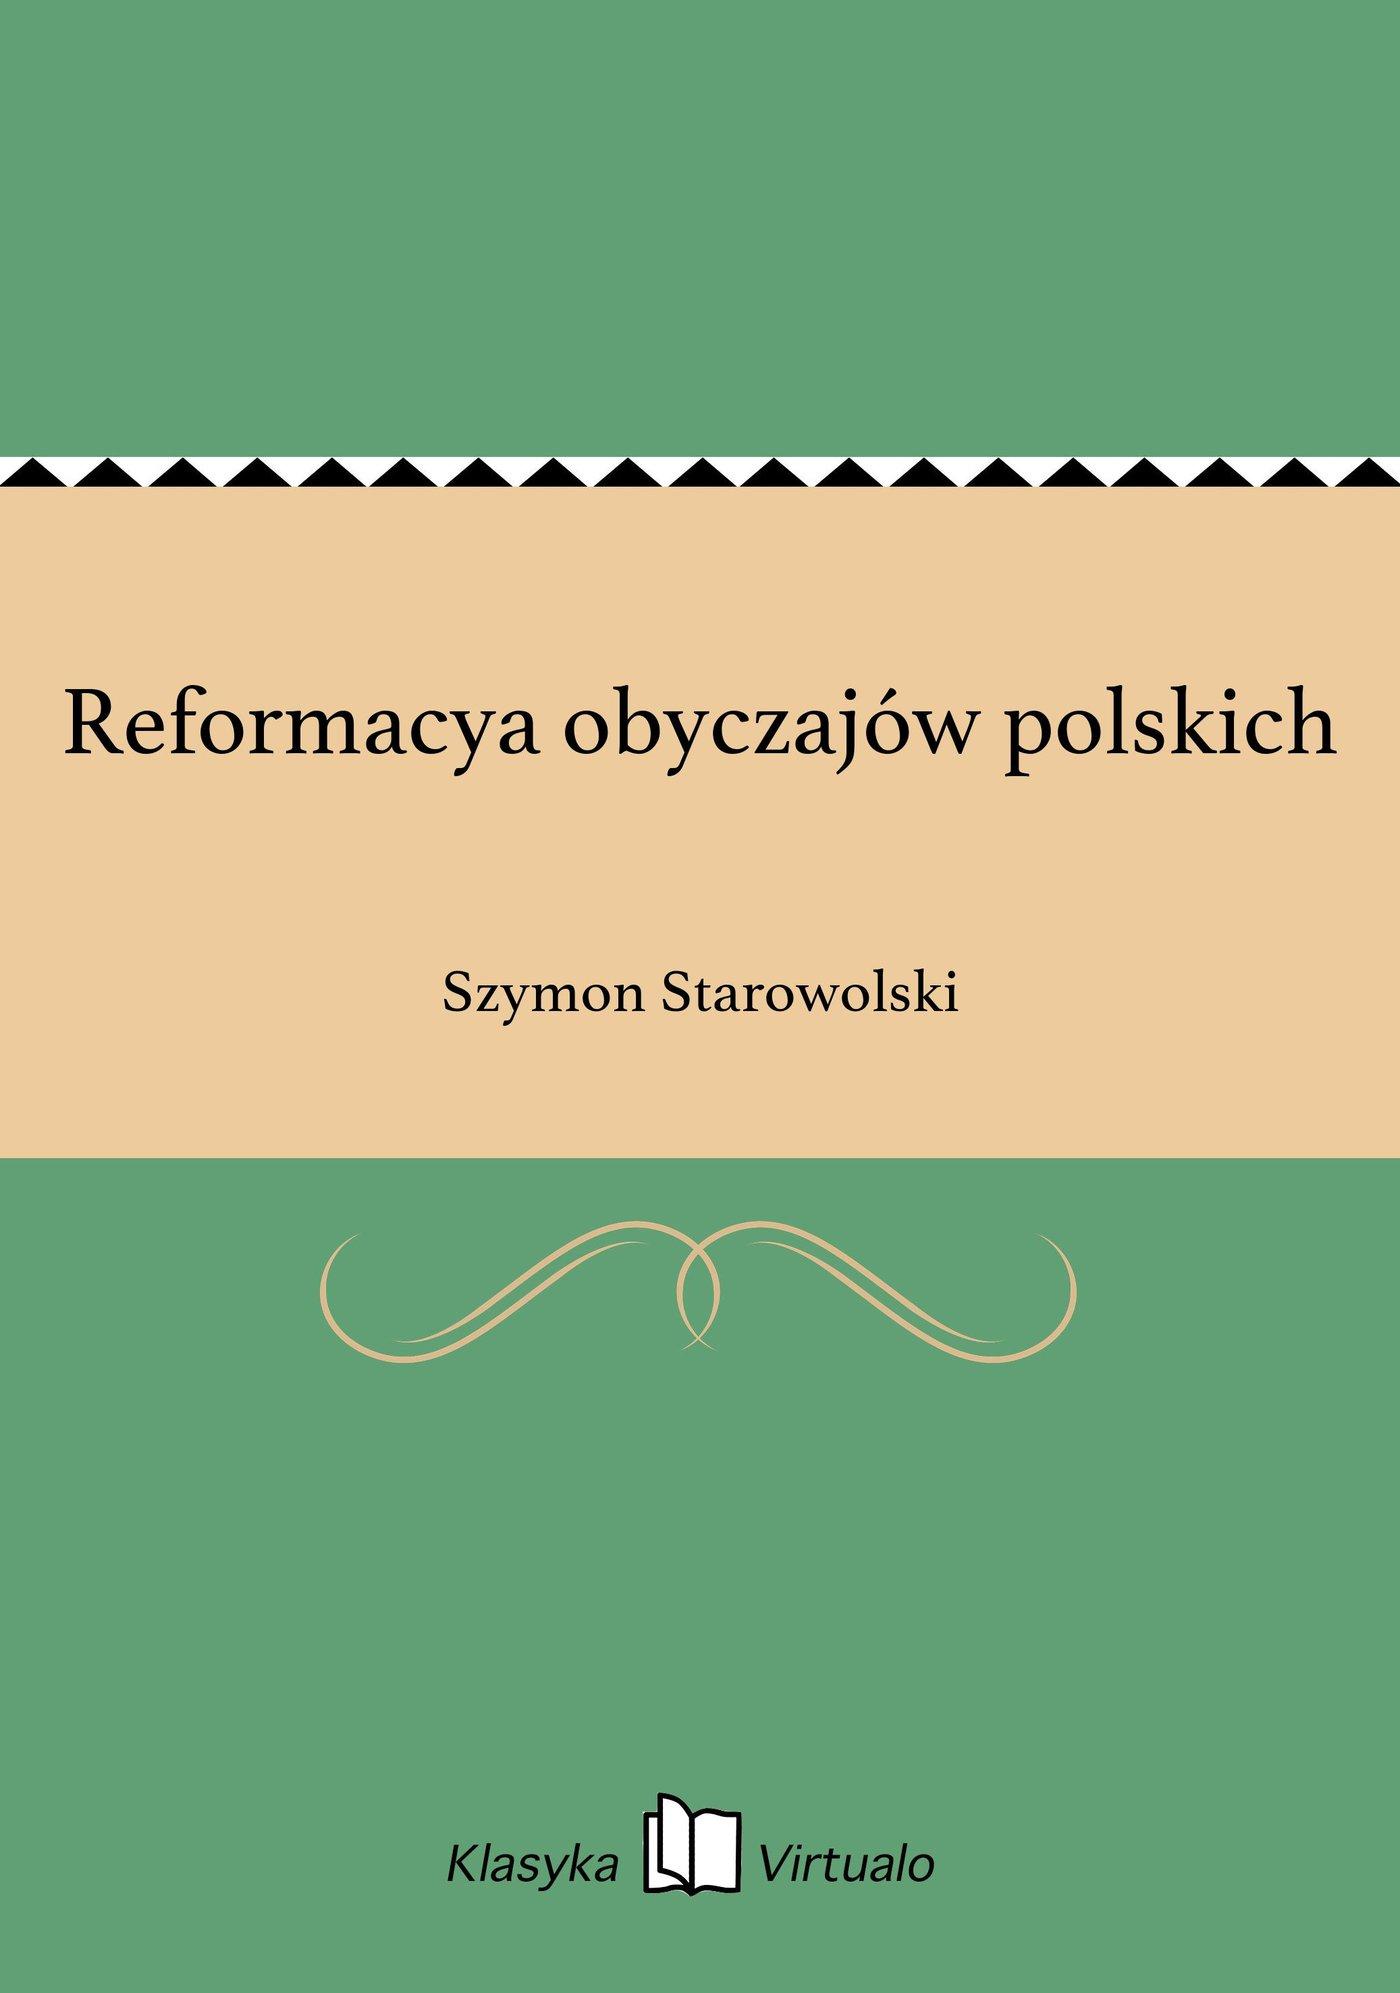 Reformacya obyczajów polskich - Ebook (Książka EPUB) do pobrania w formacie EPUB